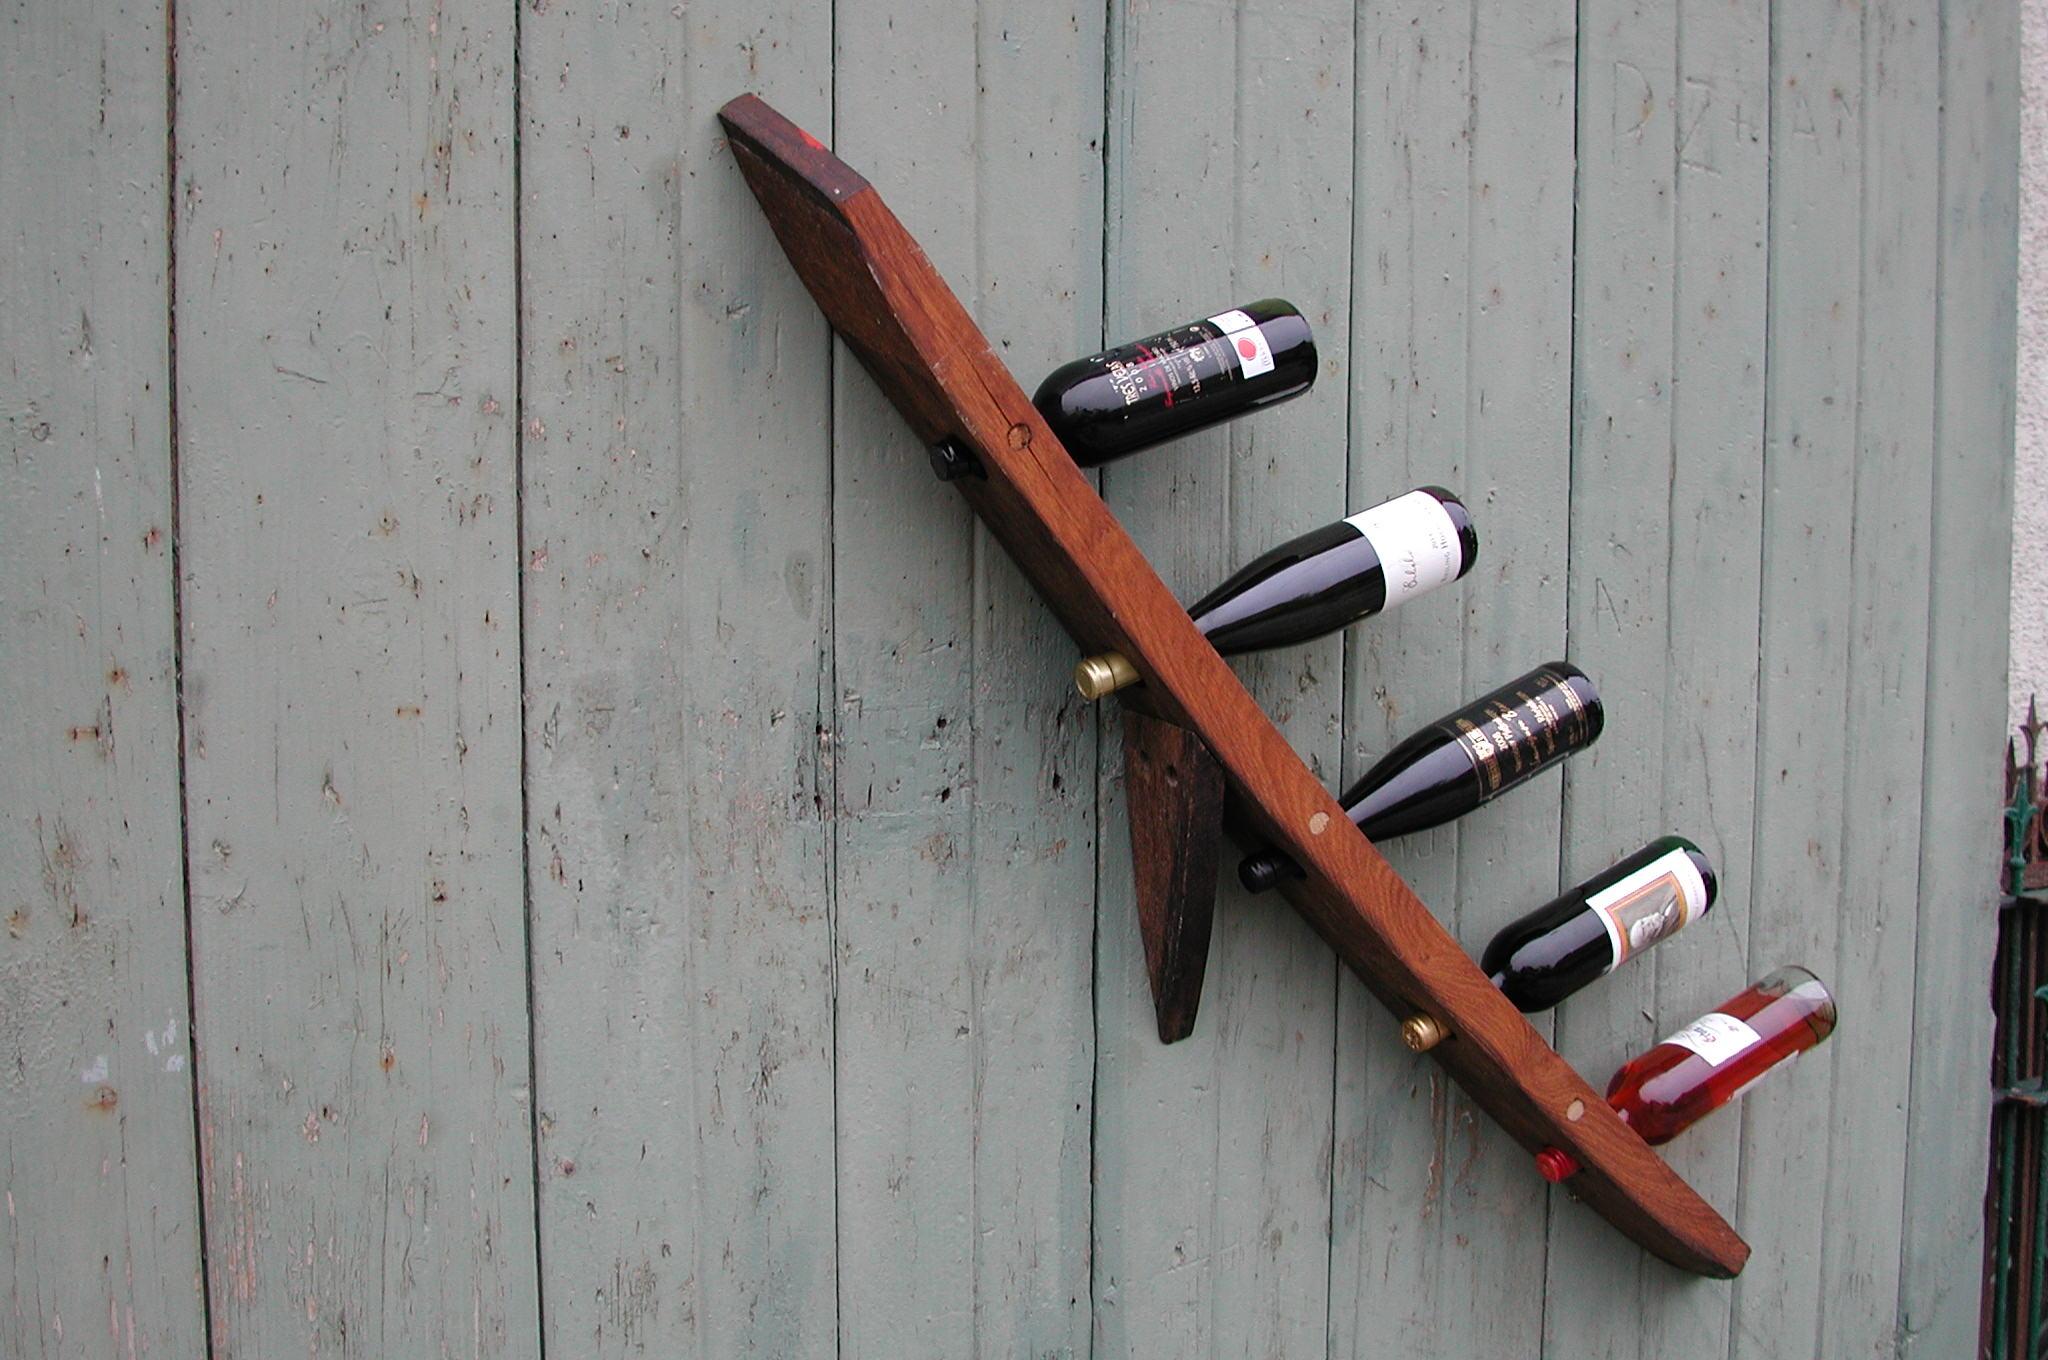 Eleganter Wandflaschenhalter aus historischem Eichenfassholz